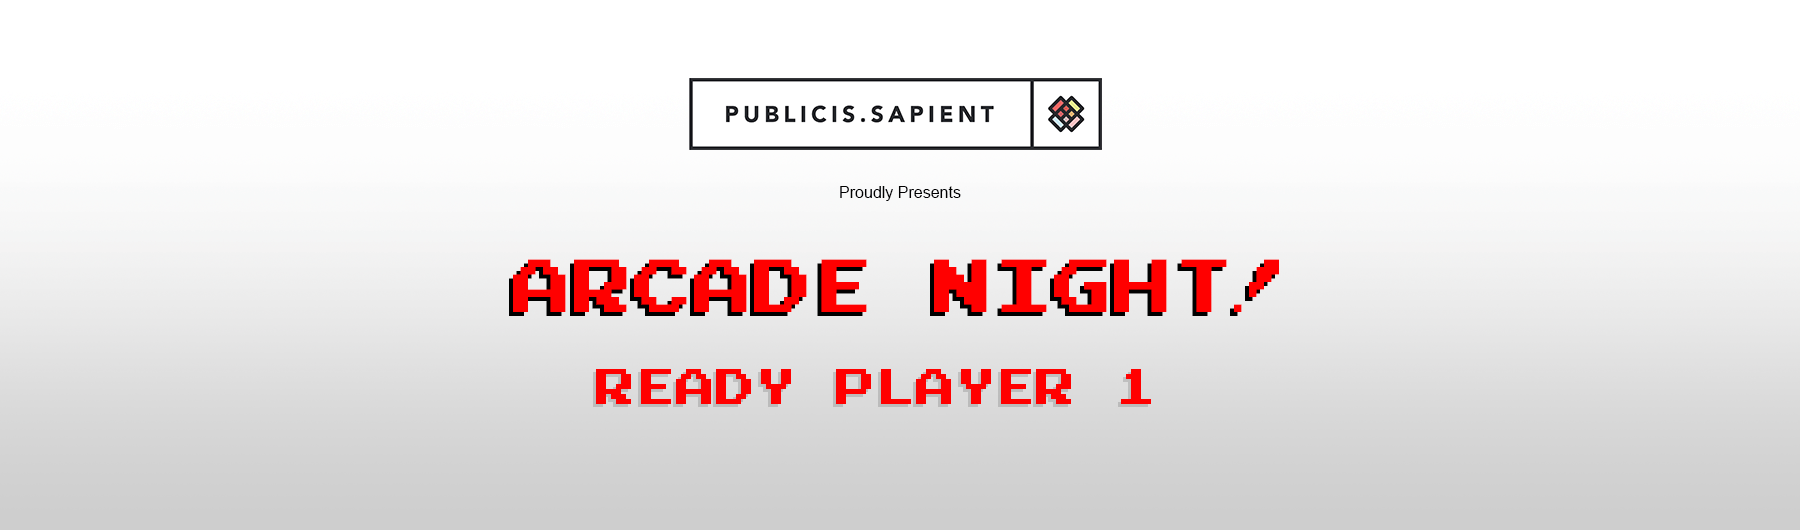 Publicis.Sapient / Elevate — Arcade Night!